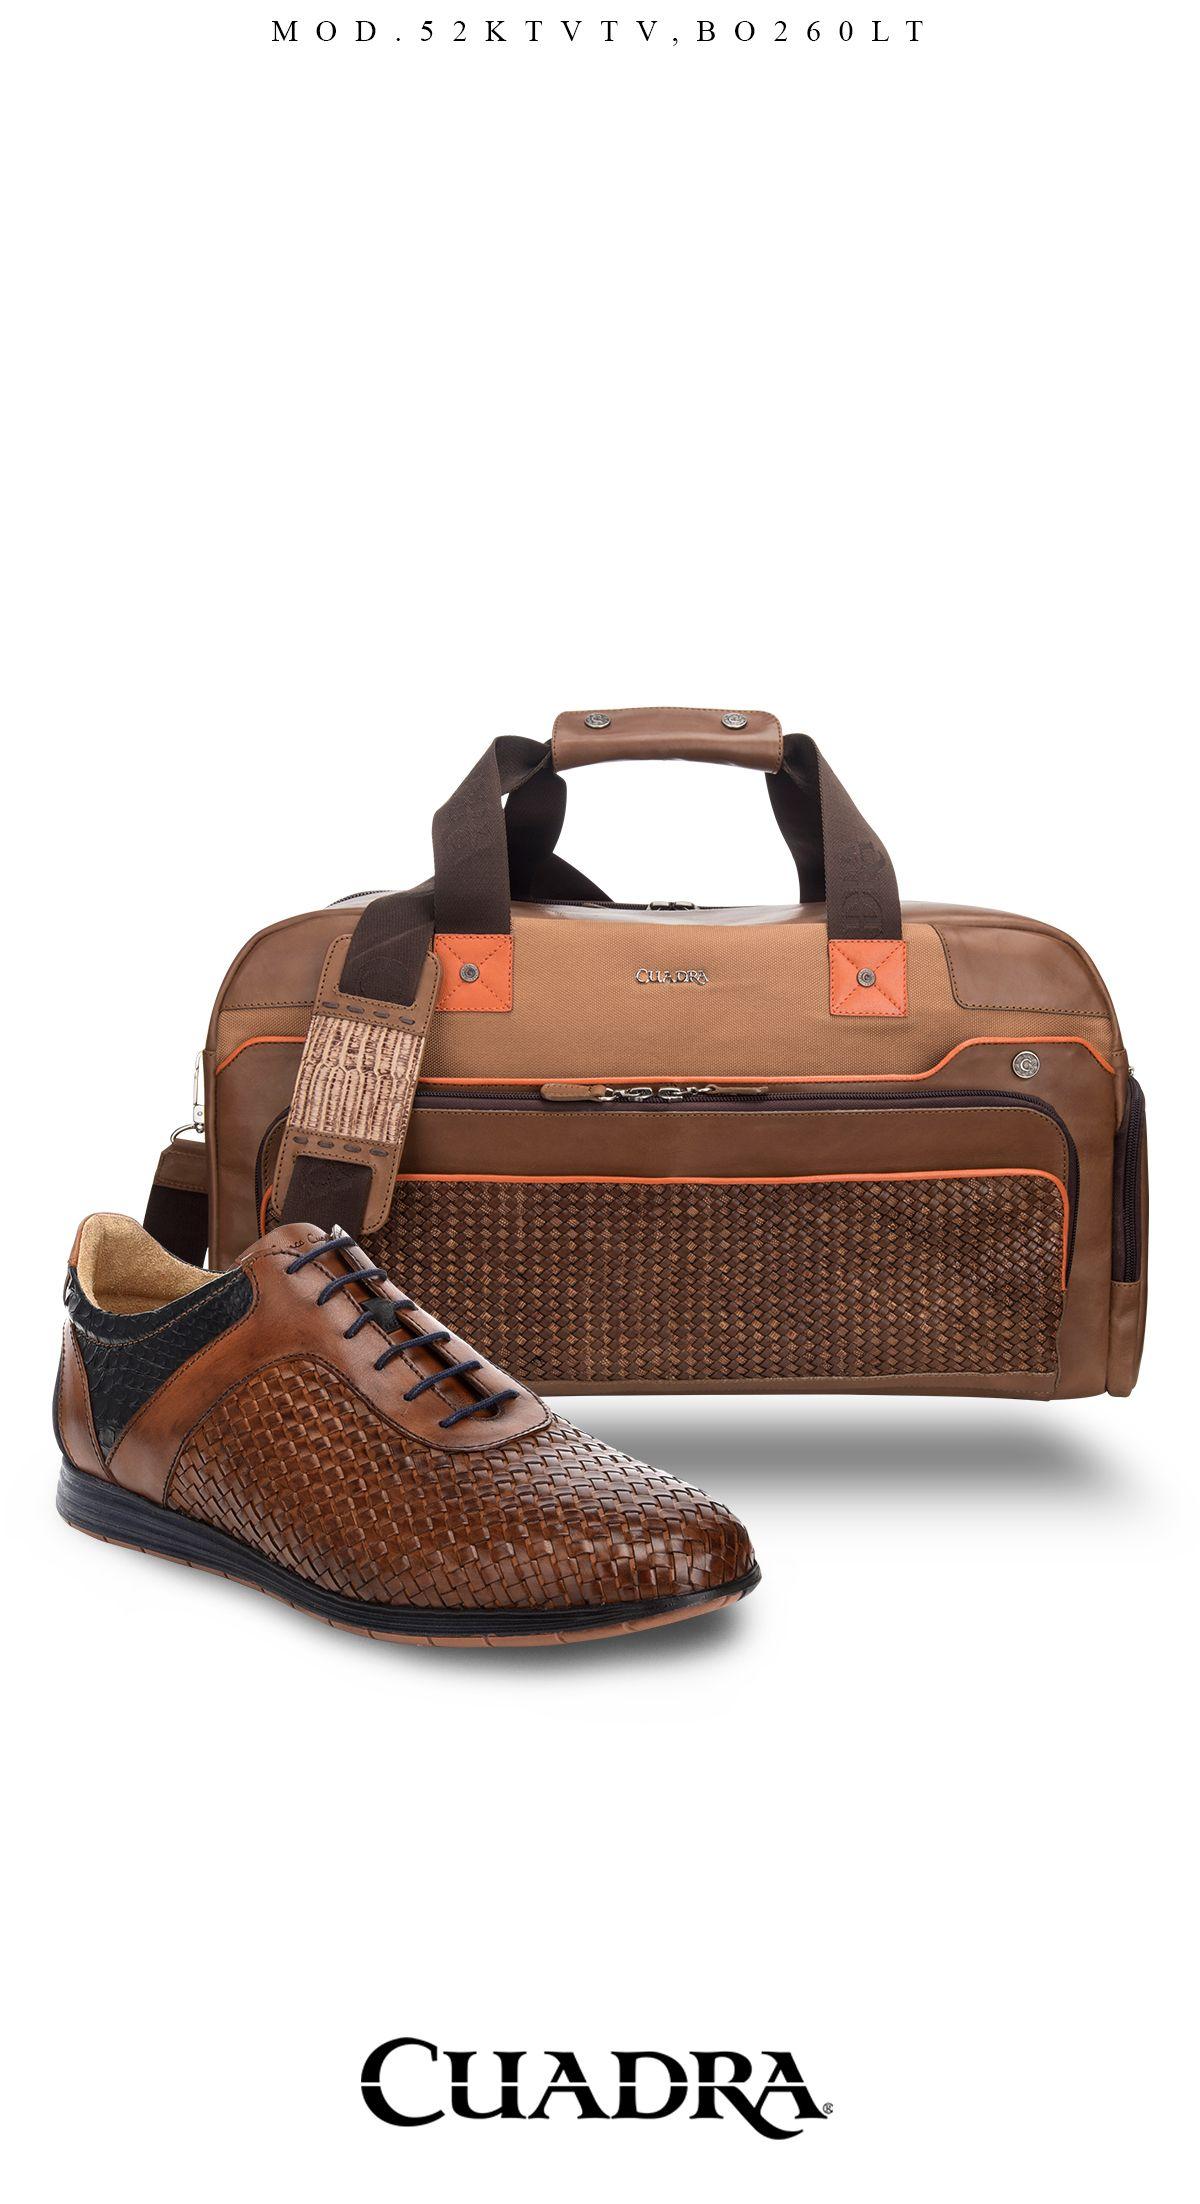 Viaje comodo y con estilo Cuadra.  shoes  bag  maletas  zapatos ... 639fd5b6919